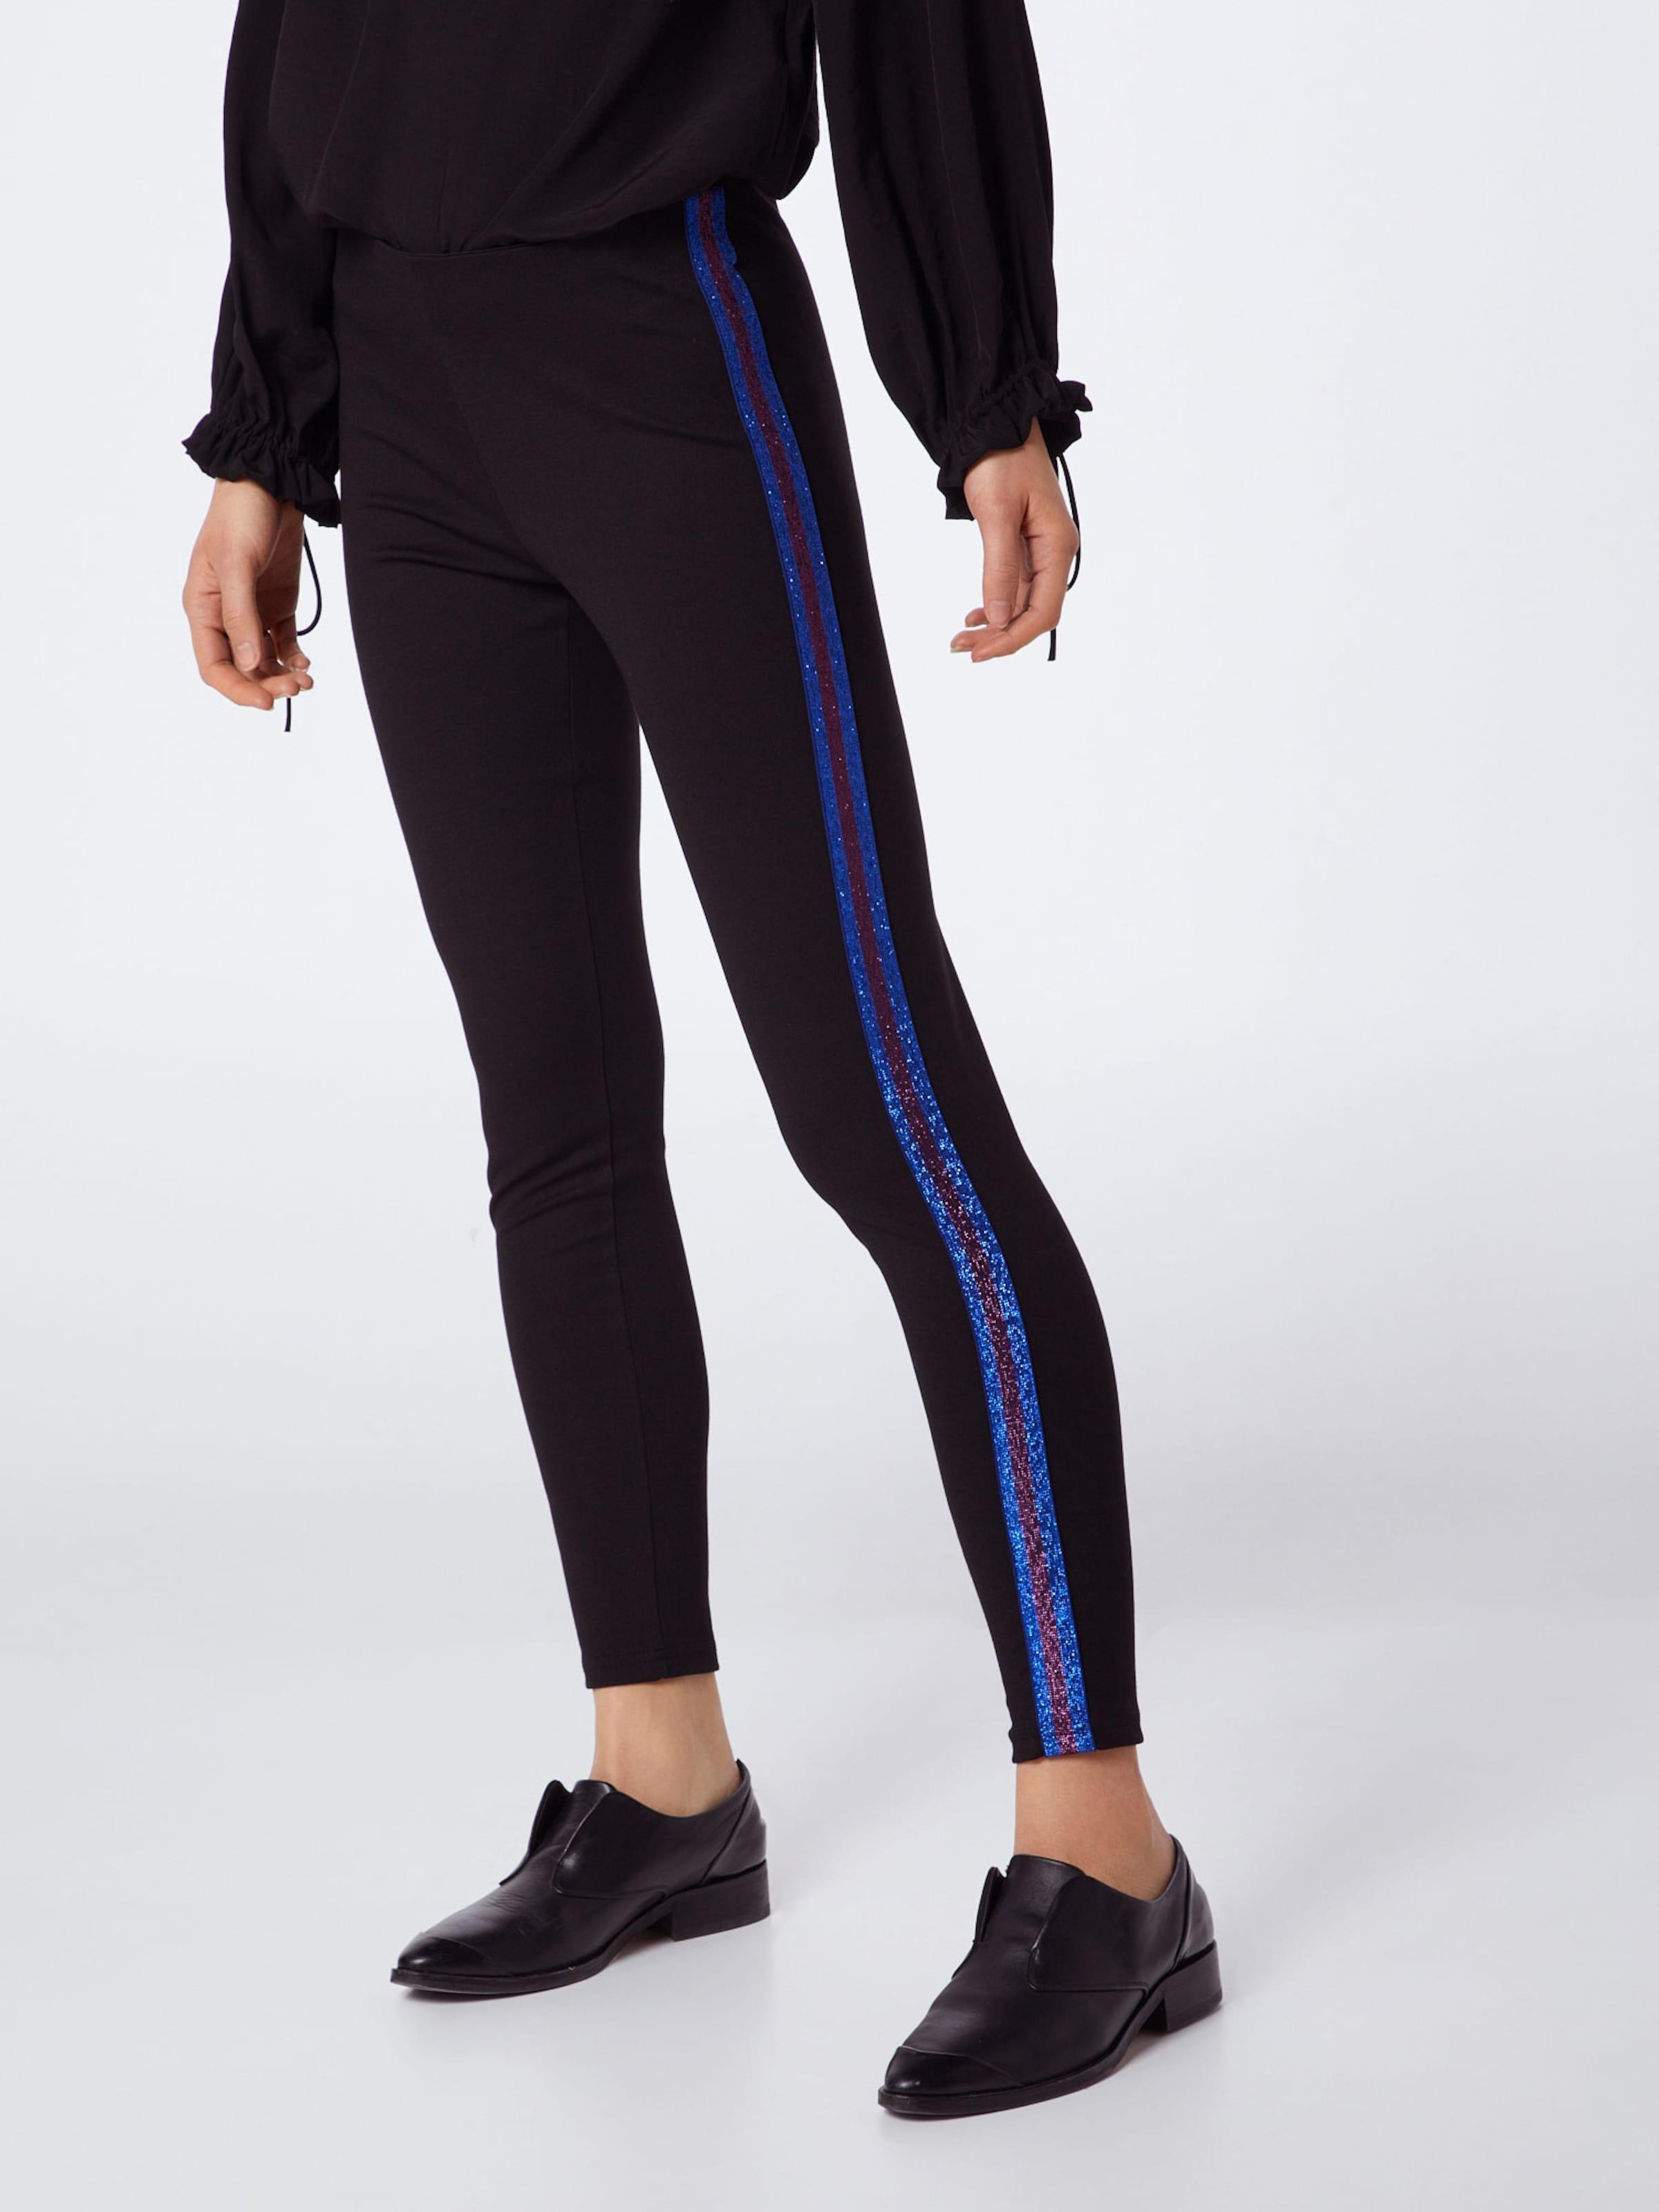 De Y 'yascamille a Lurex' En Pantalon Noir BleuLie s Vin ED92WIH